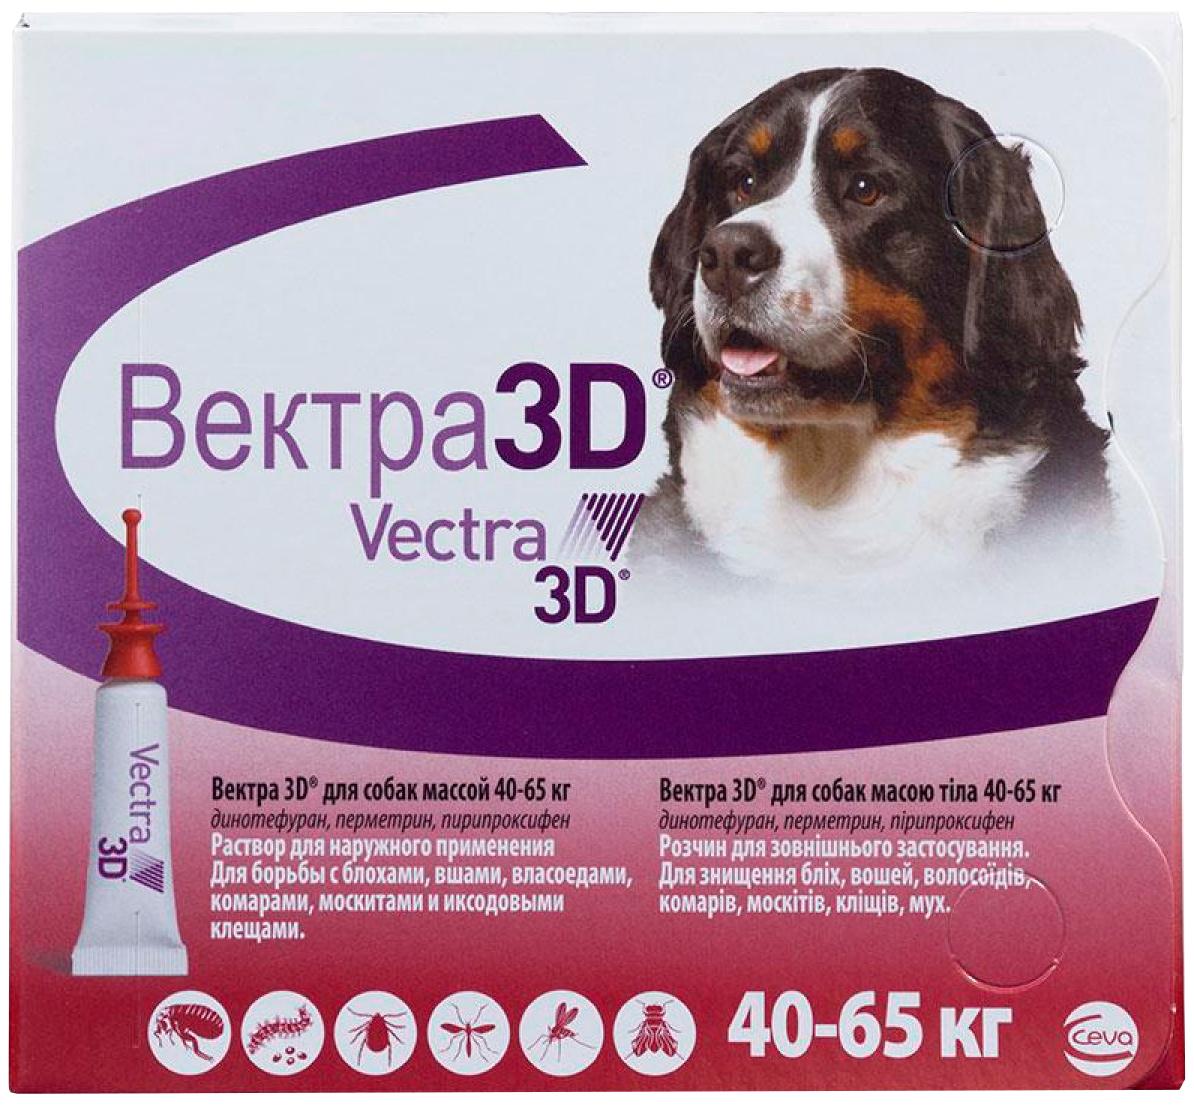 вектра 3d - капли для собак против клещей, блох и комаров от 40 до 65 кг Ceva  (1 уп)